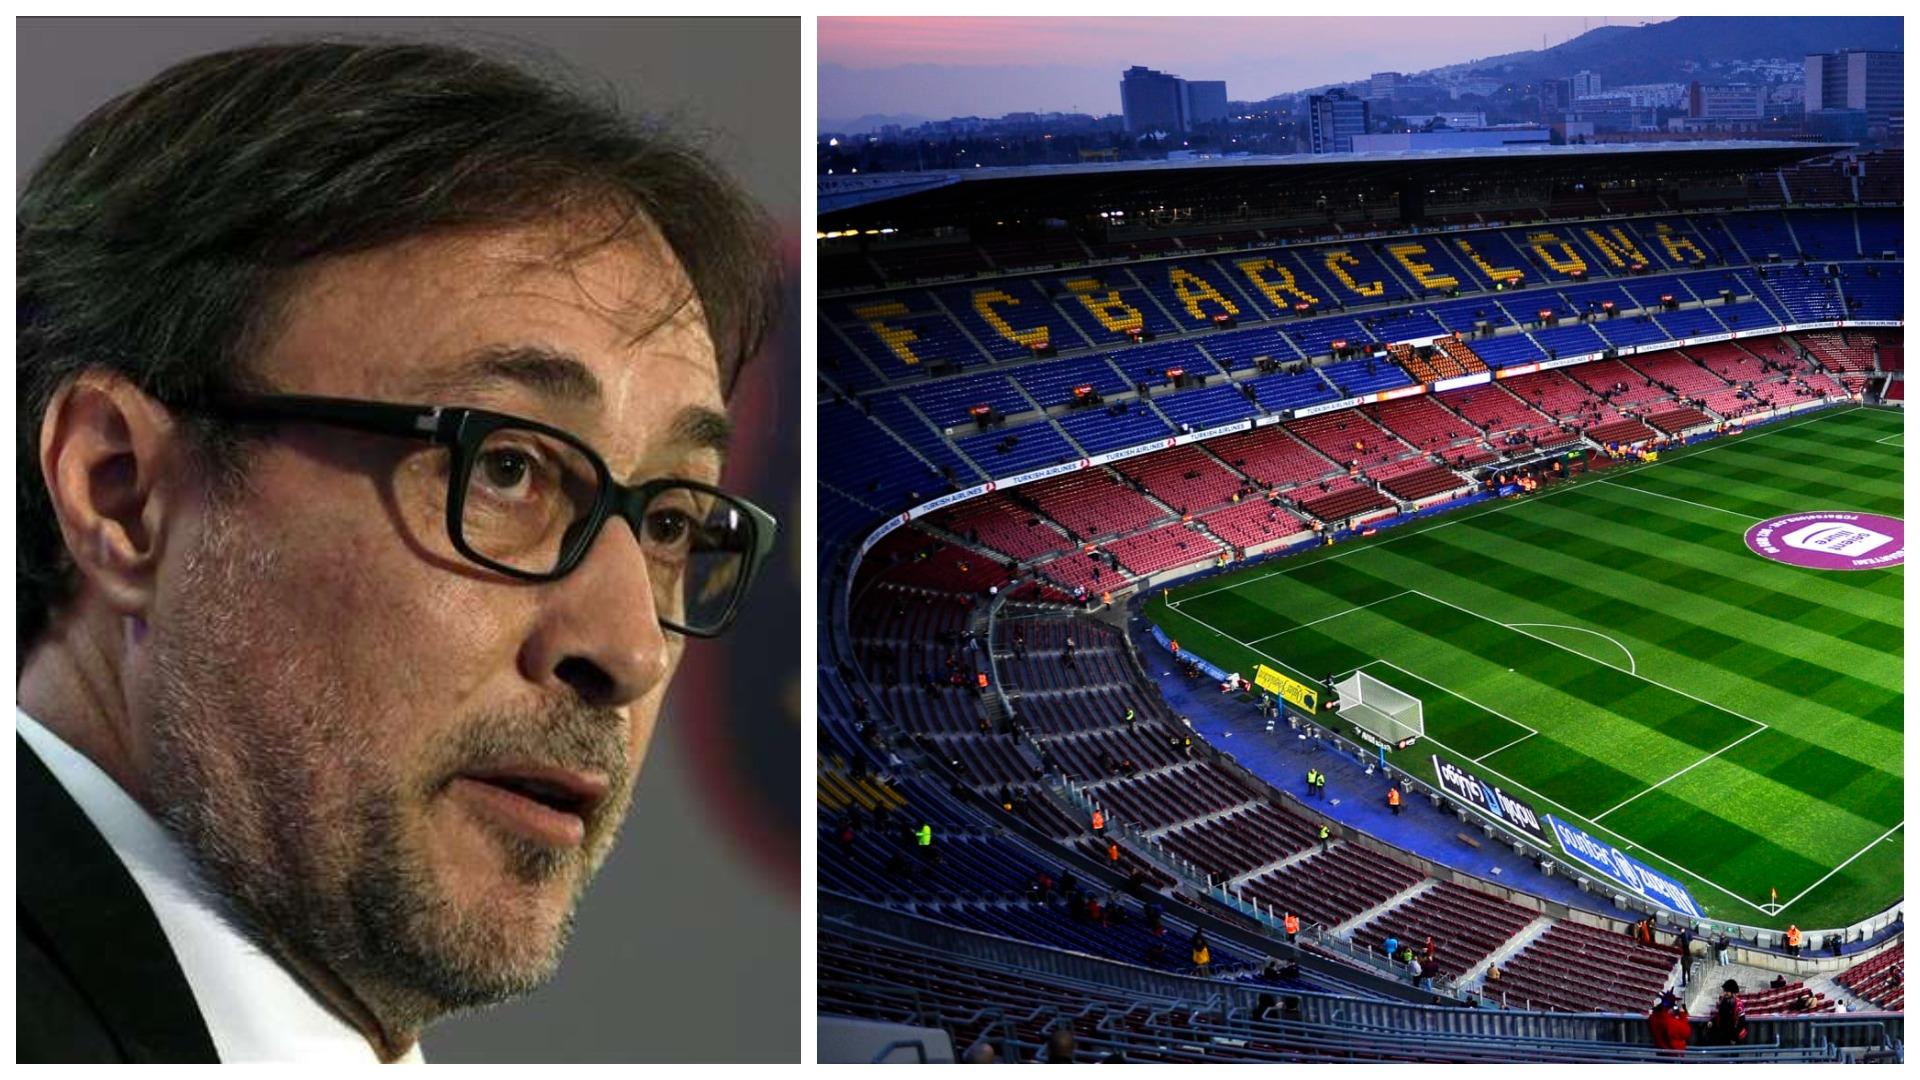 """""""Prish 'Camp Nou' dhe ndërtoj stadium të ri"""", premtimi i madh i kandidatit për president"""